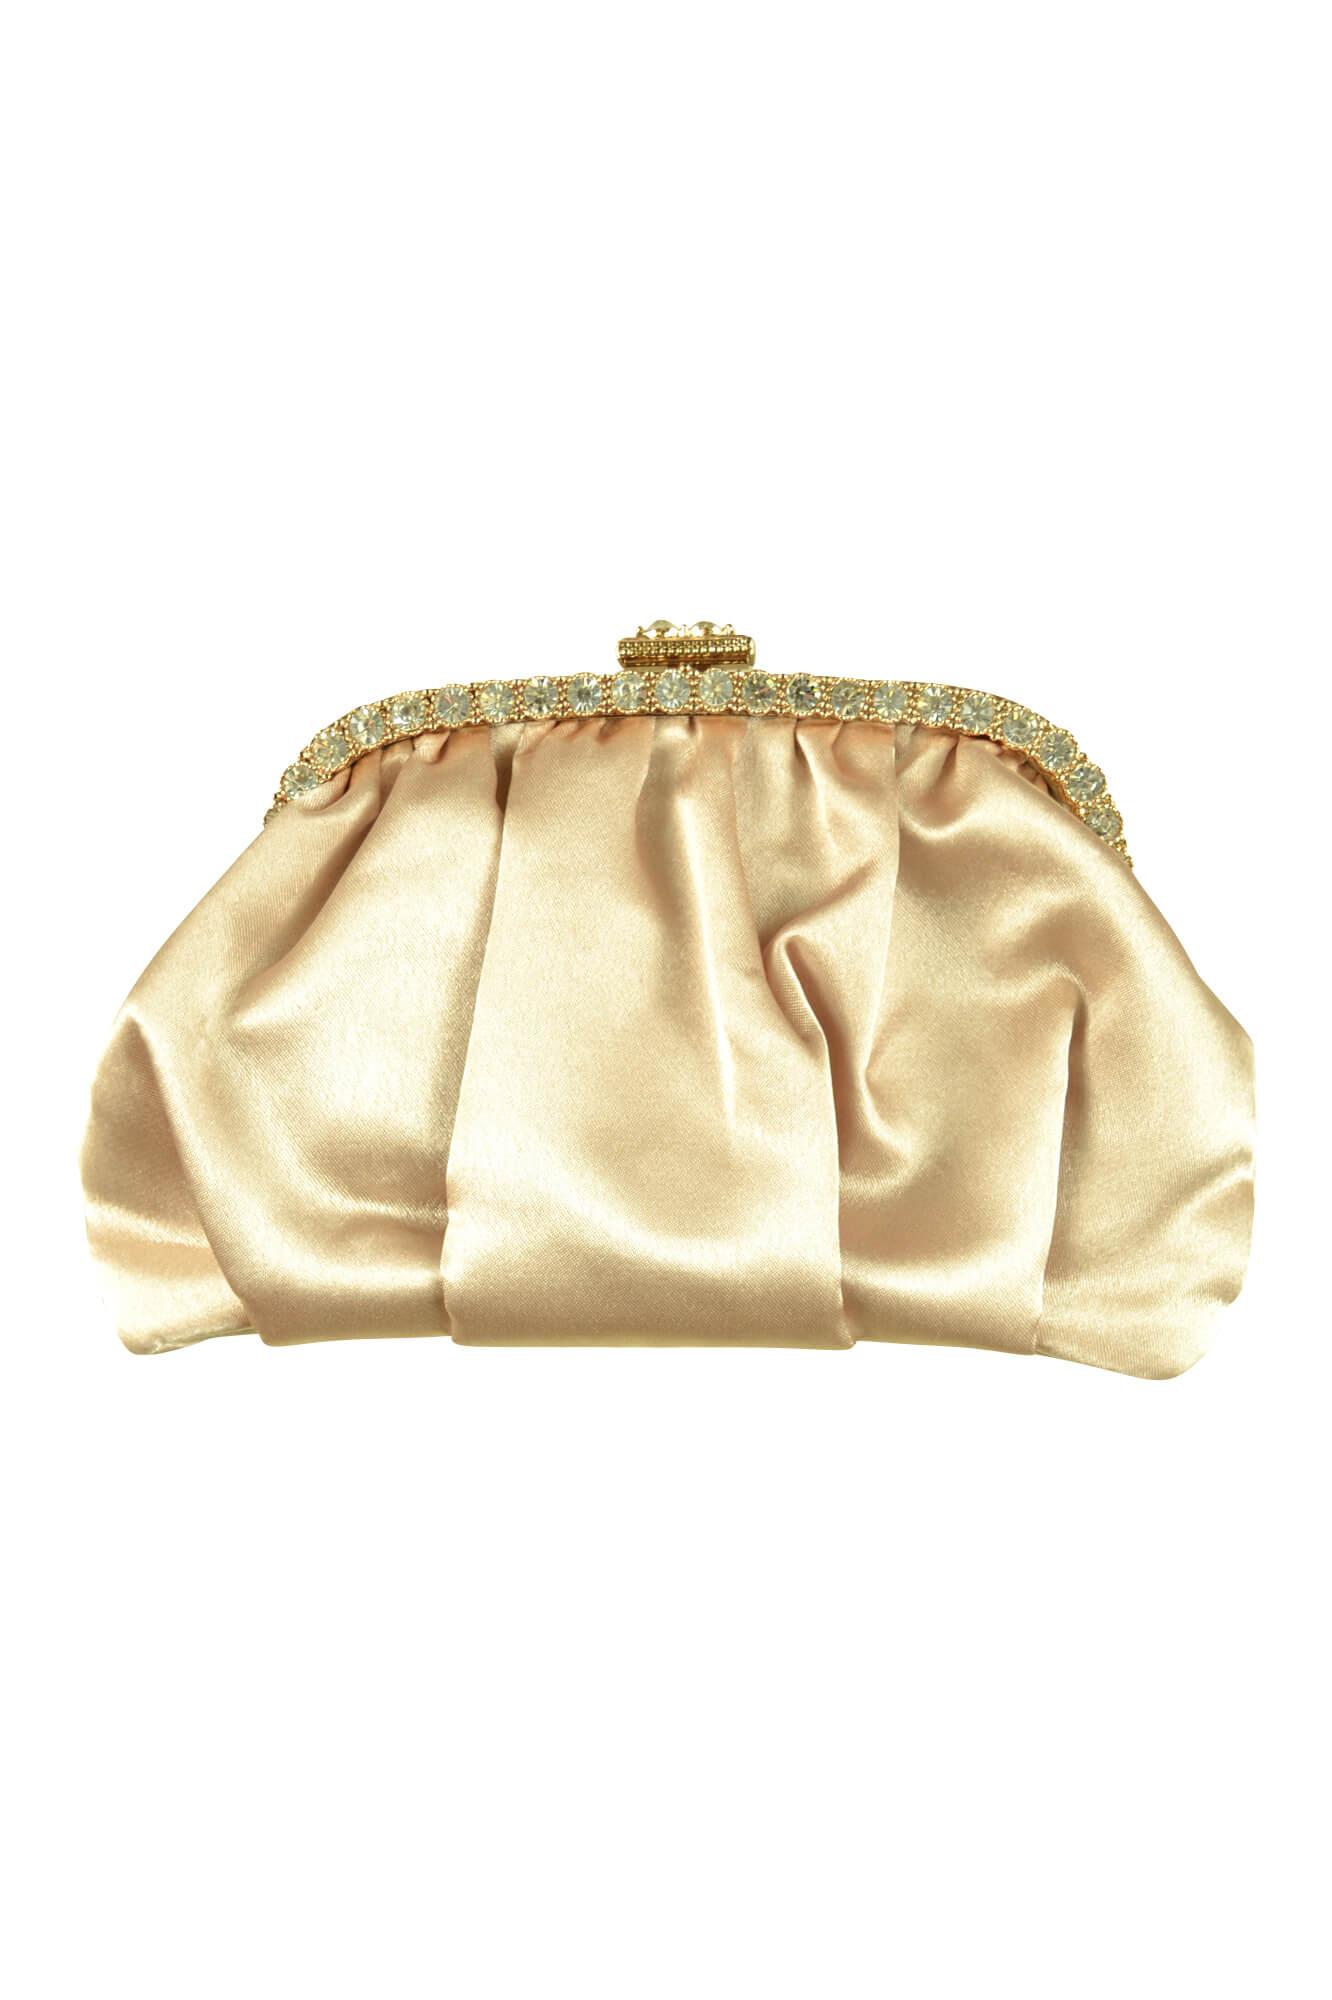 ジャスグリッティー (JUSGLITTY)ベージュシャンパンクリスタルバッグ